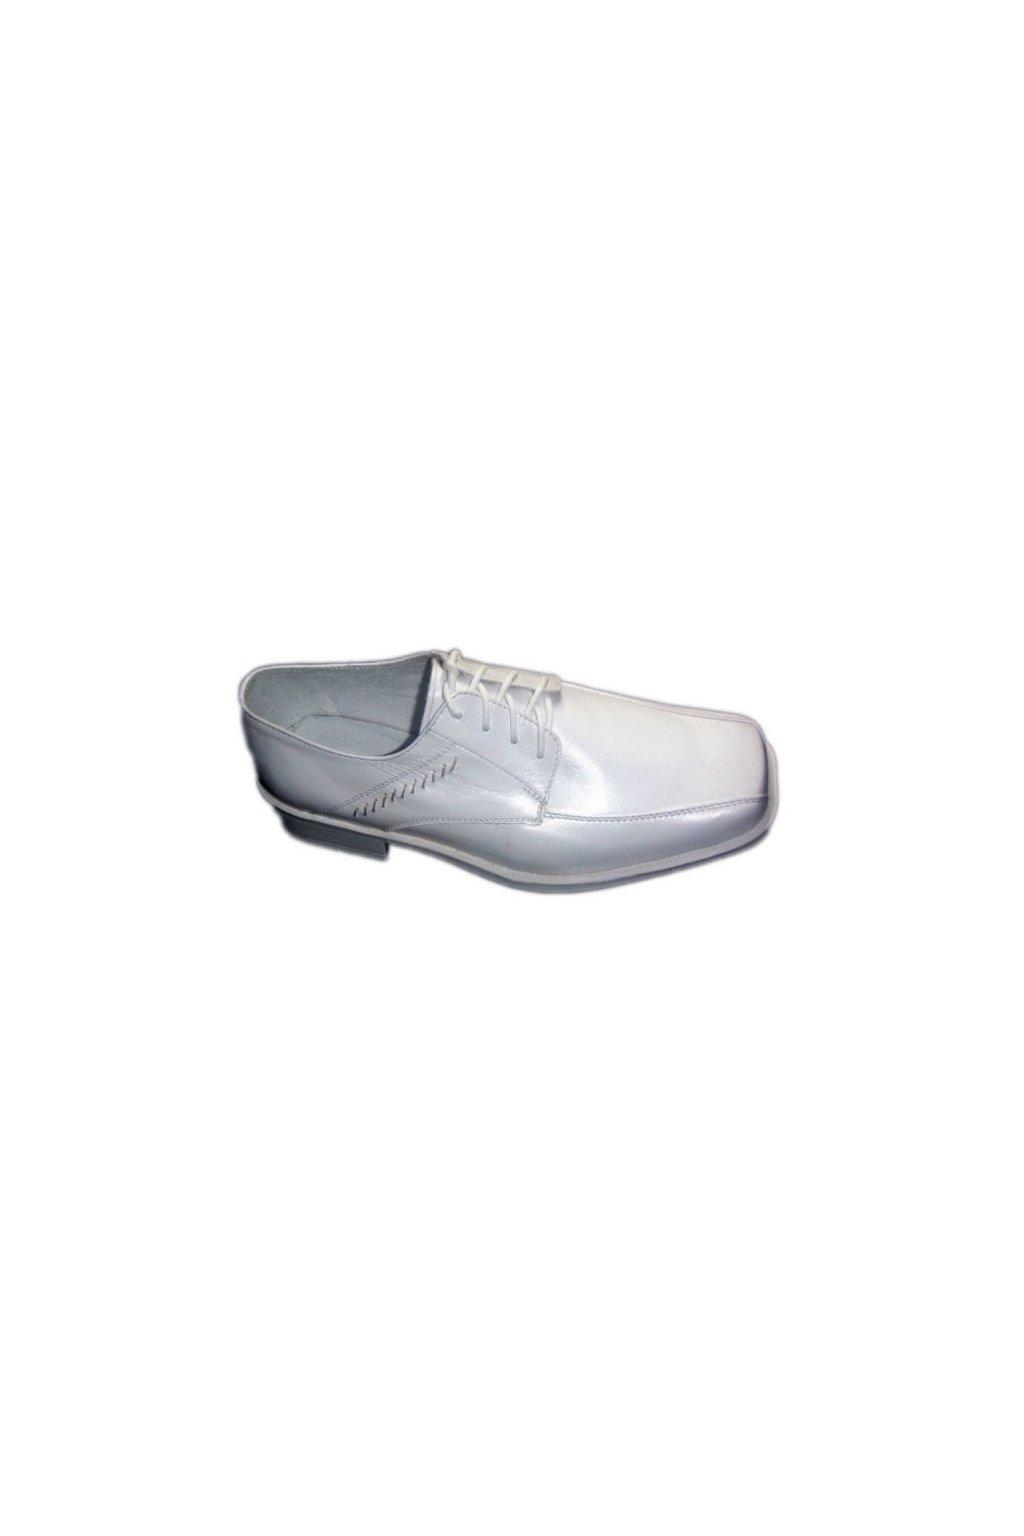 Podměrná pánská obuv Češv Simsonek bílá